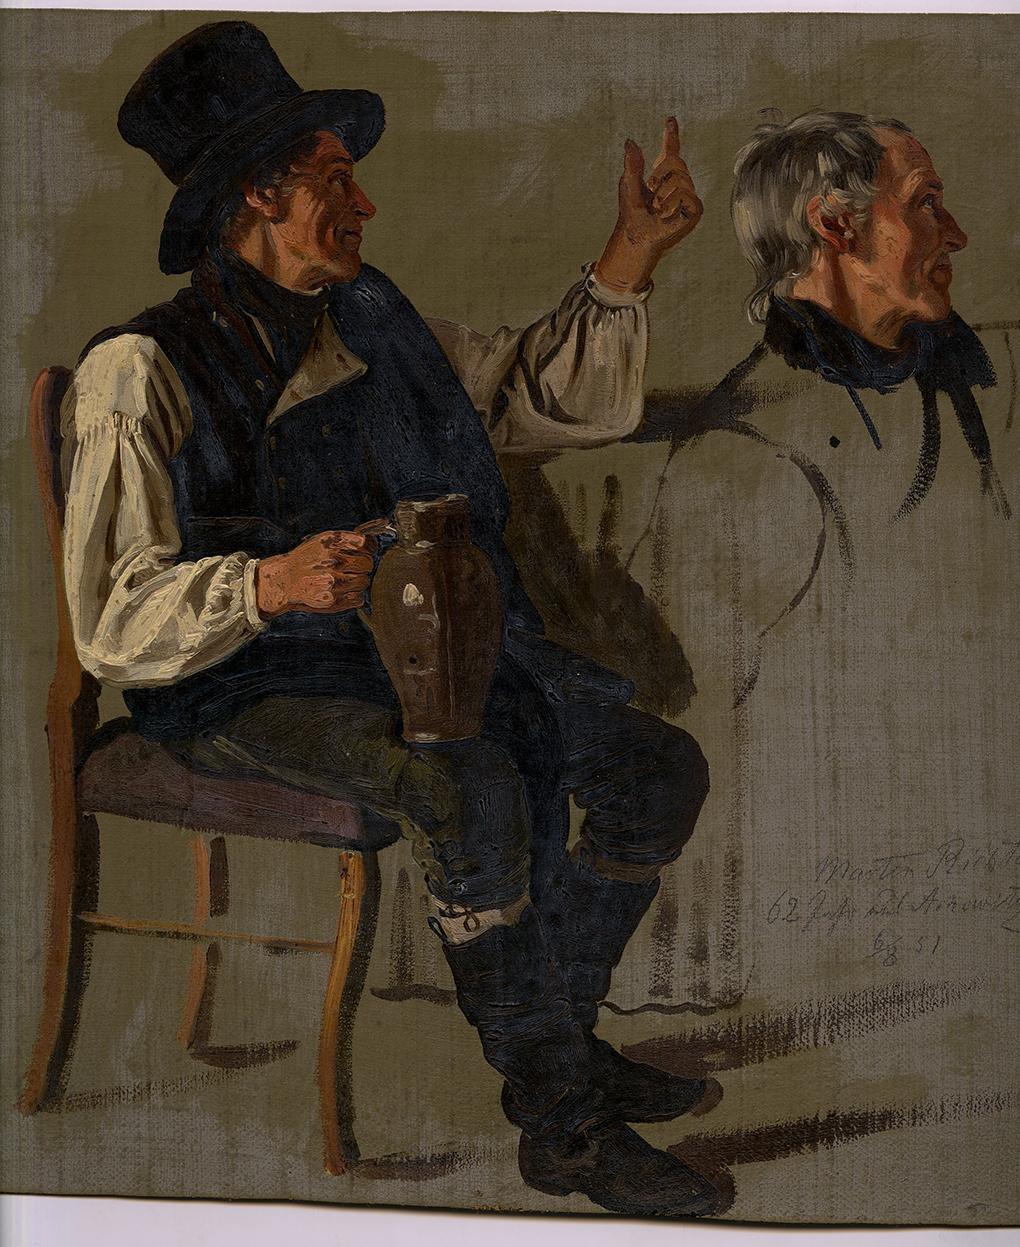 Ludwig Most, Portret Martina Richtera, studium, olej na płótnie, 1851, Muzeum Narodowe w Szczecinie